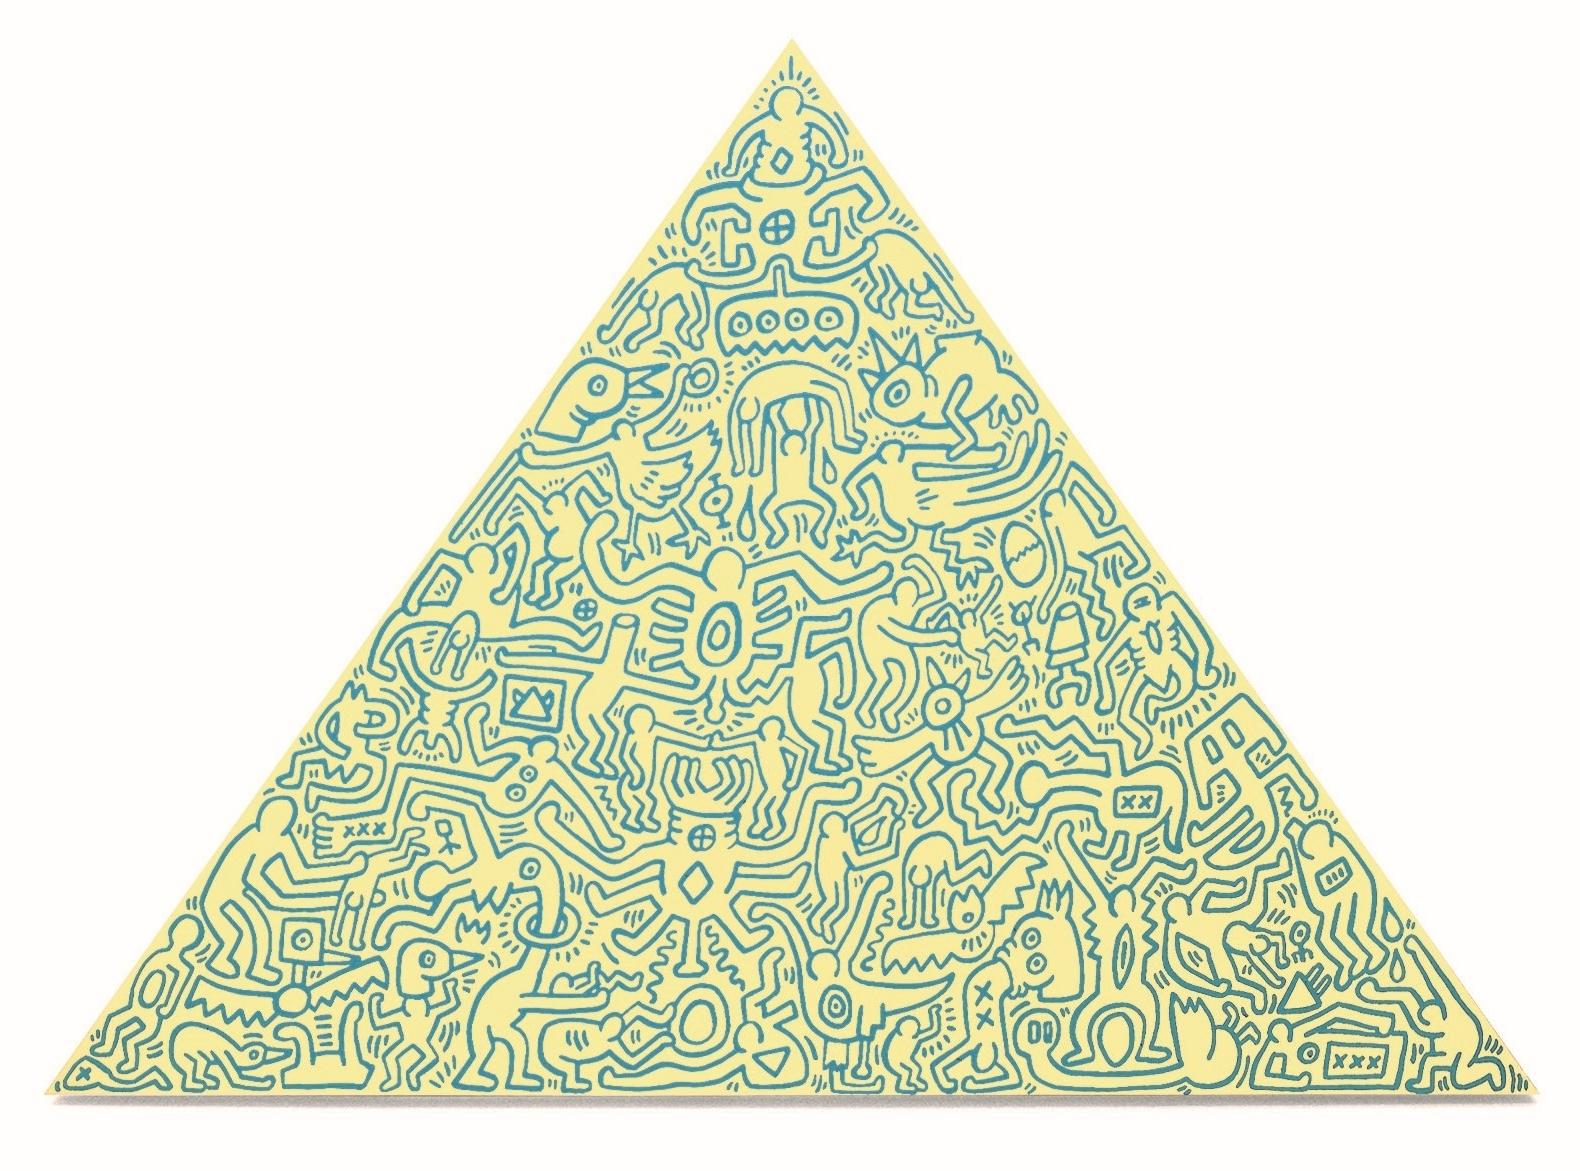 Keith Haring - Pyramid